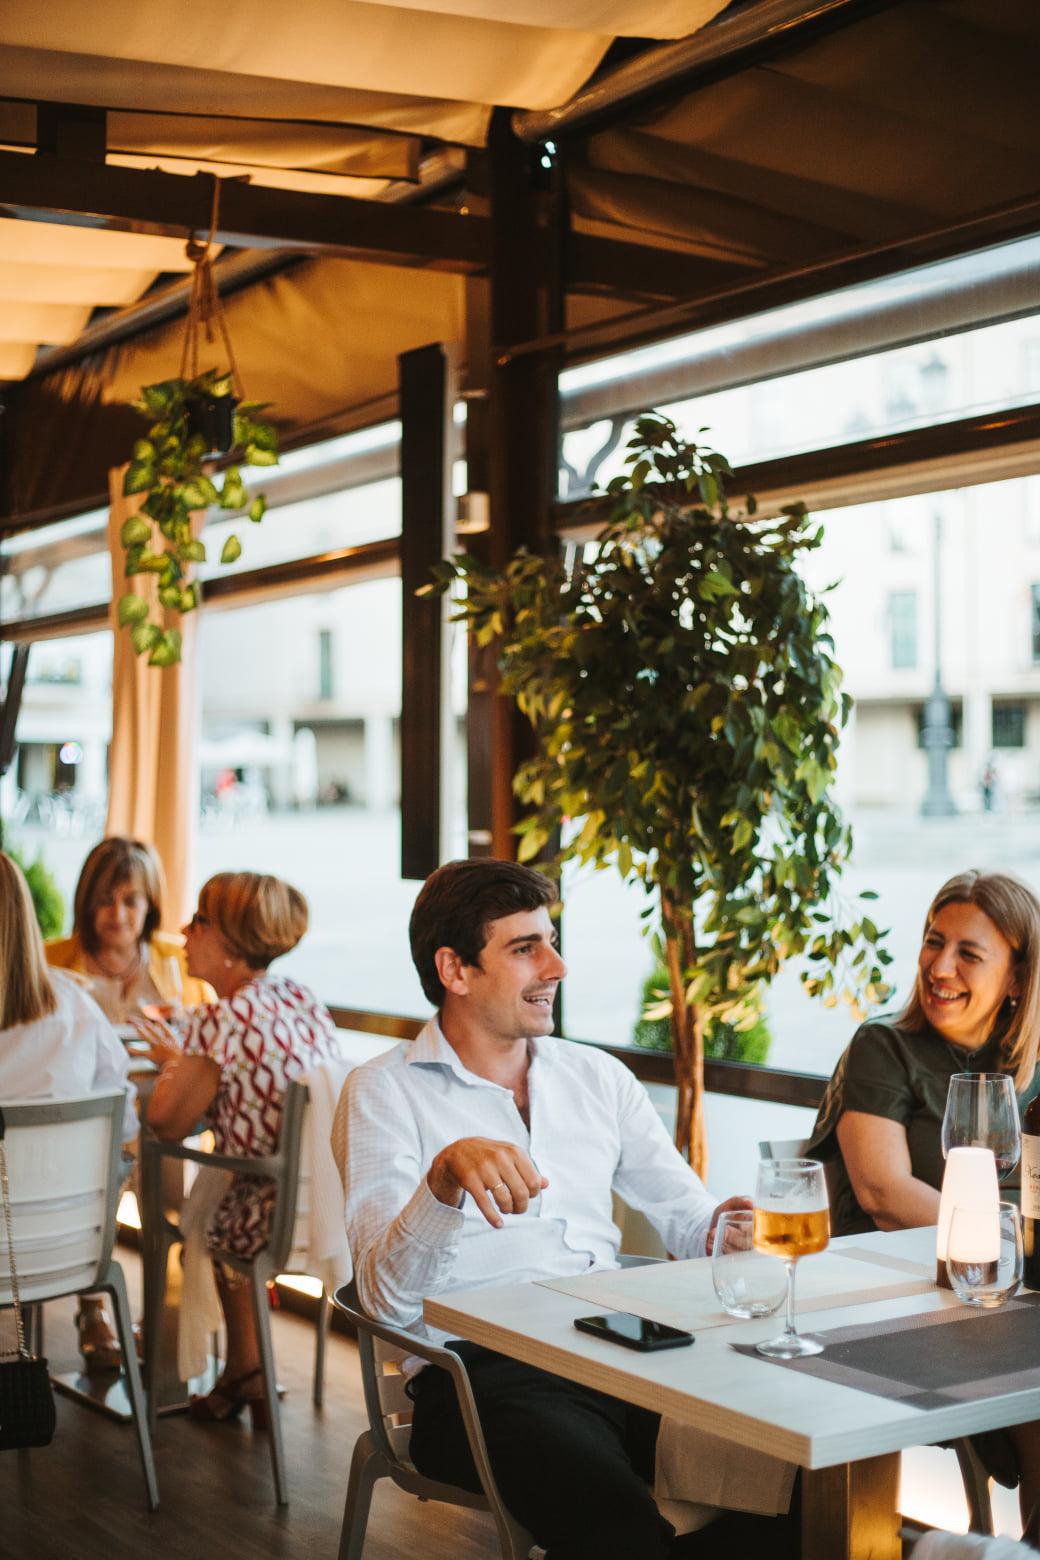 La noche de cocina Nikkei en el restaurante La Violeta, un evento culinario de primer nivel 27